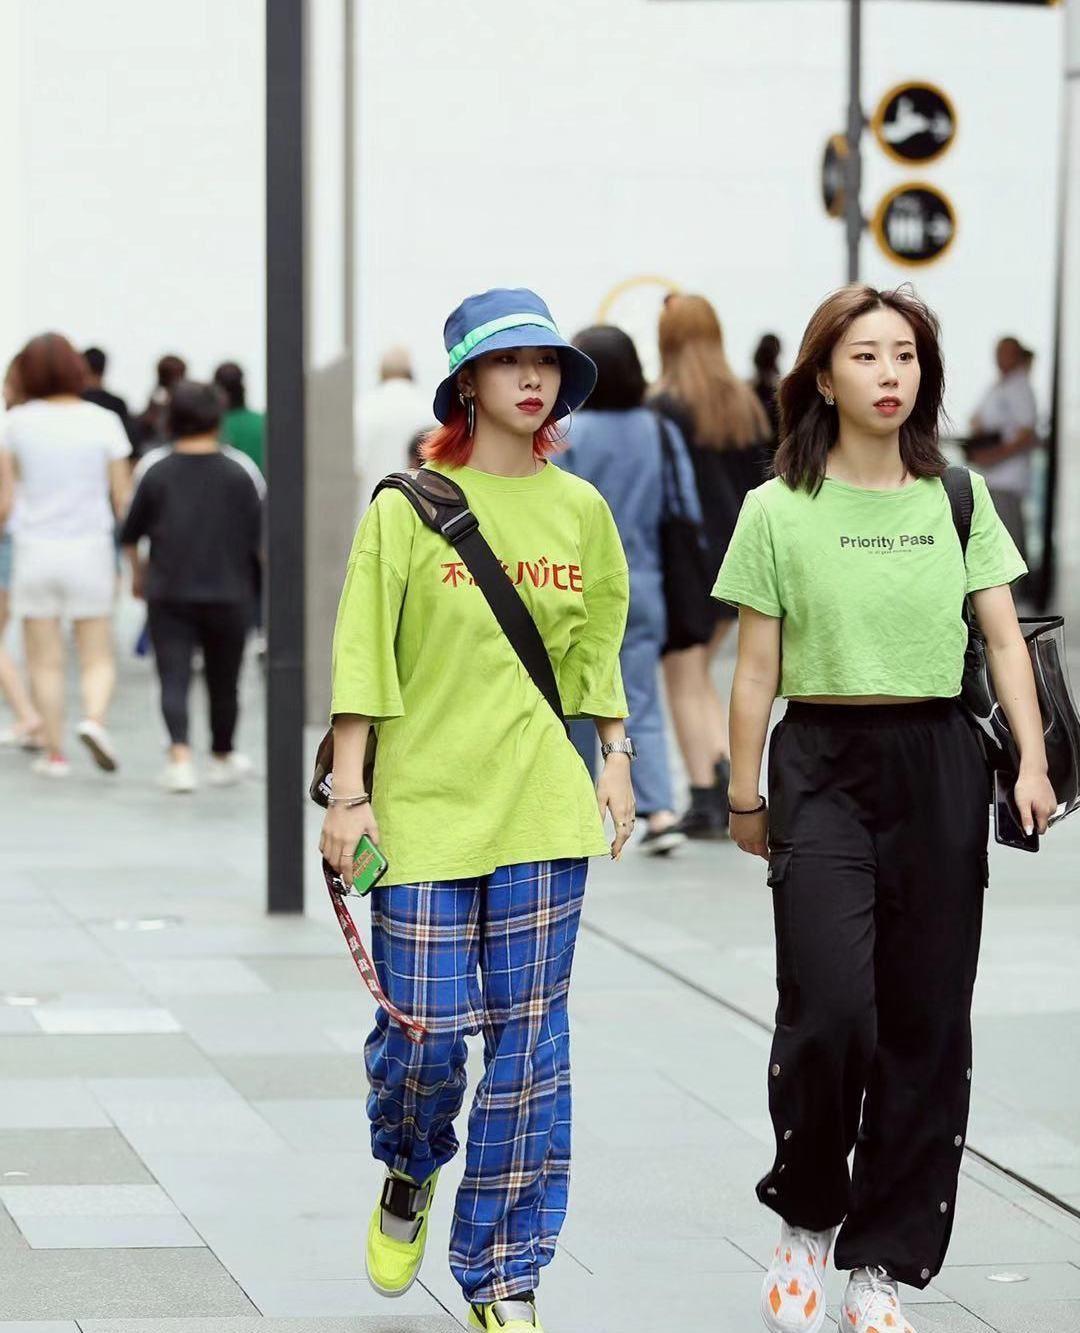 街拍,小姐姐绿色印花短袖搭配蓝色格子长裤,气质休闲时尚